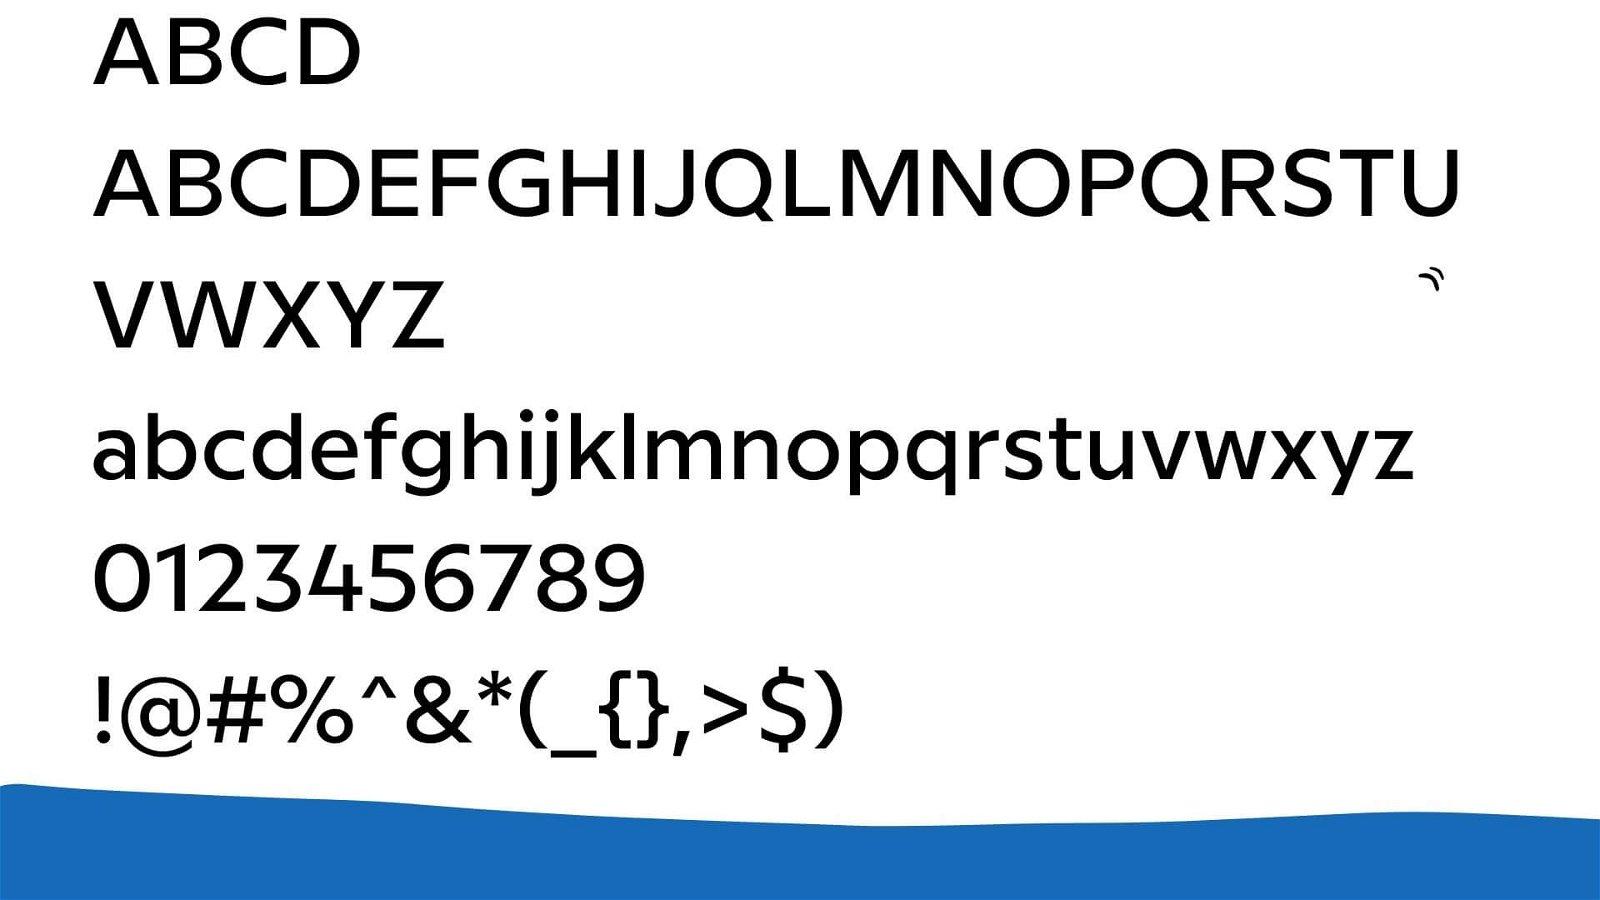 Proxima Nova Font View - Proxima Nova Font Free Download